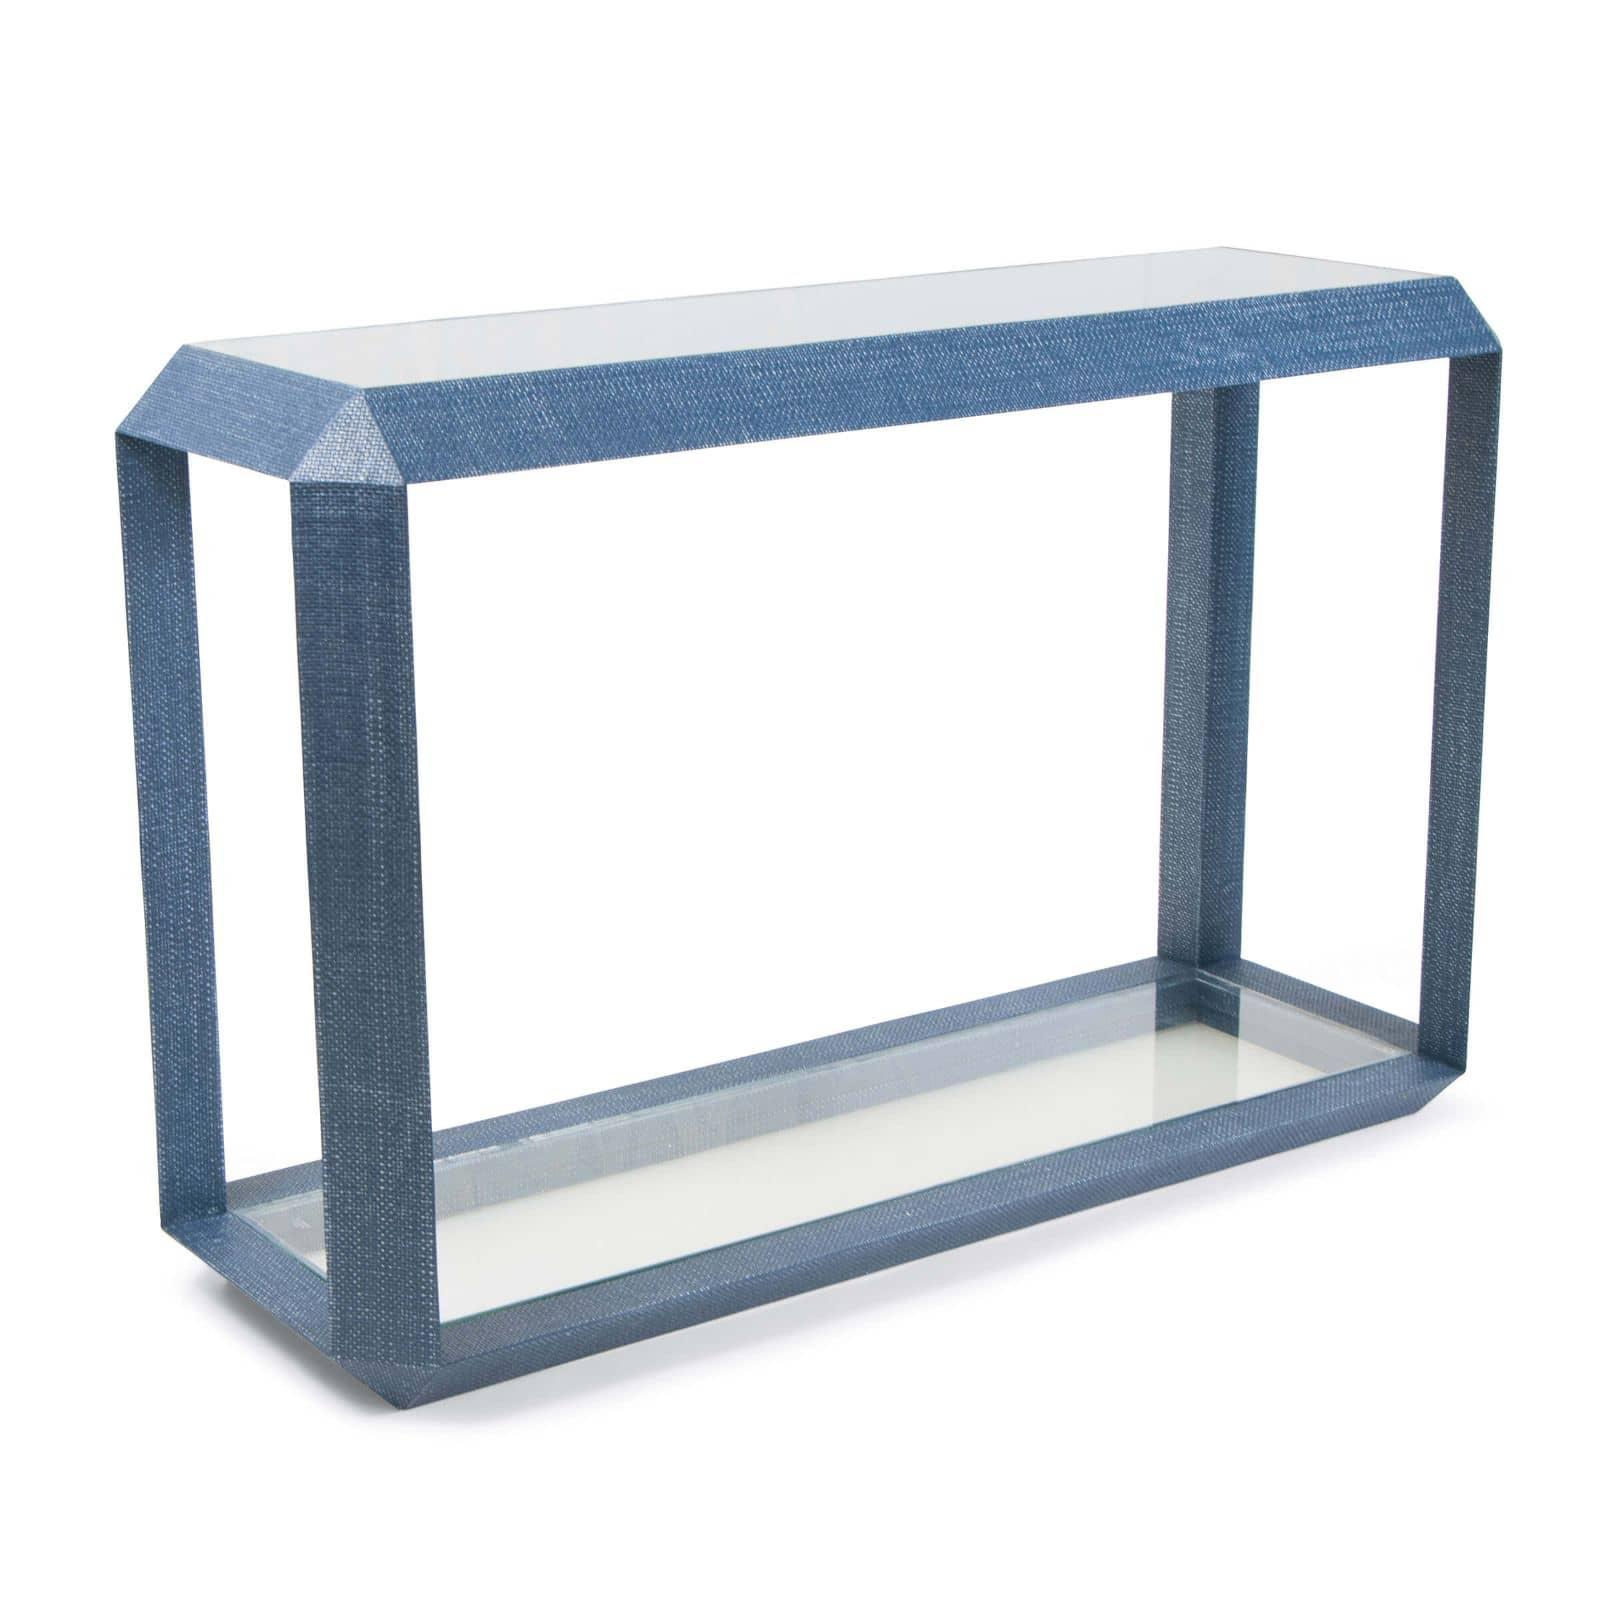 Aegean Console Table Indigo | Regina Andrew